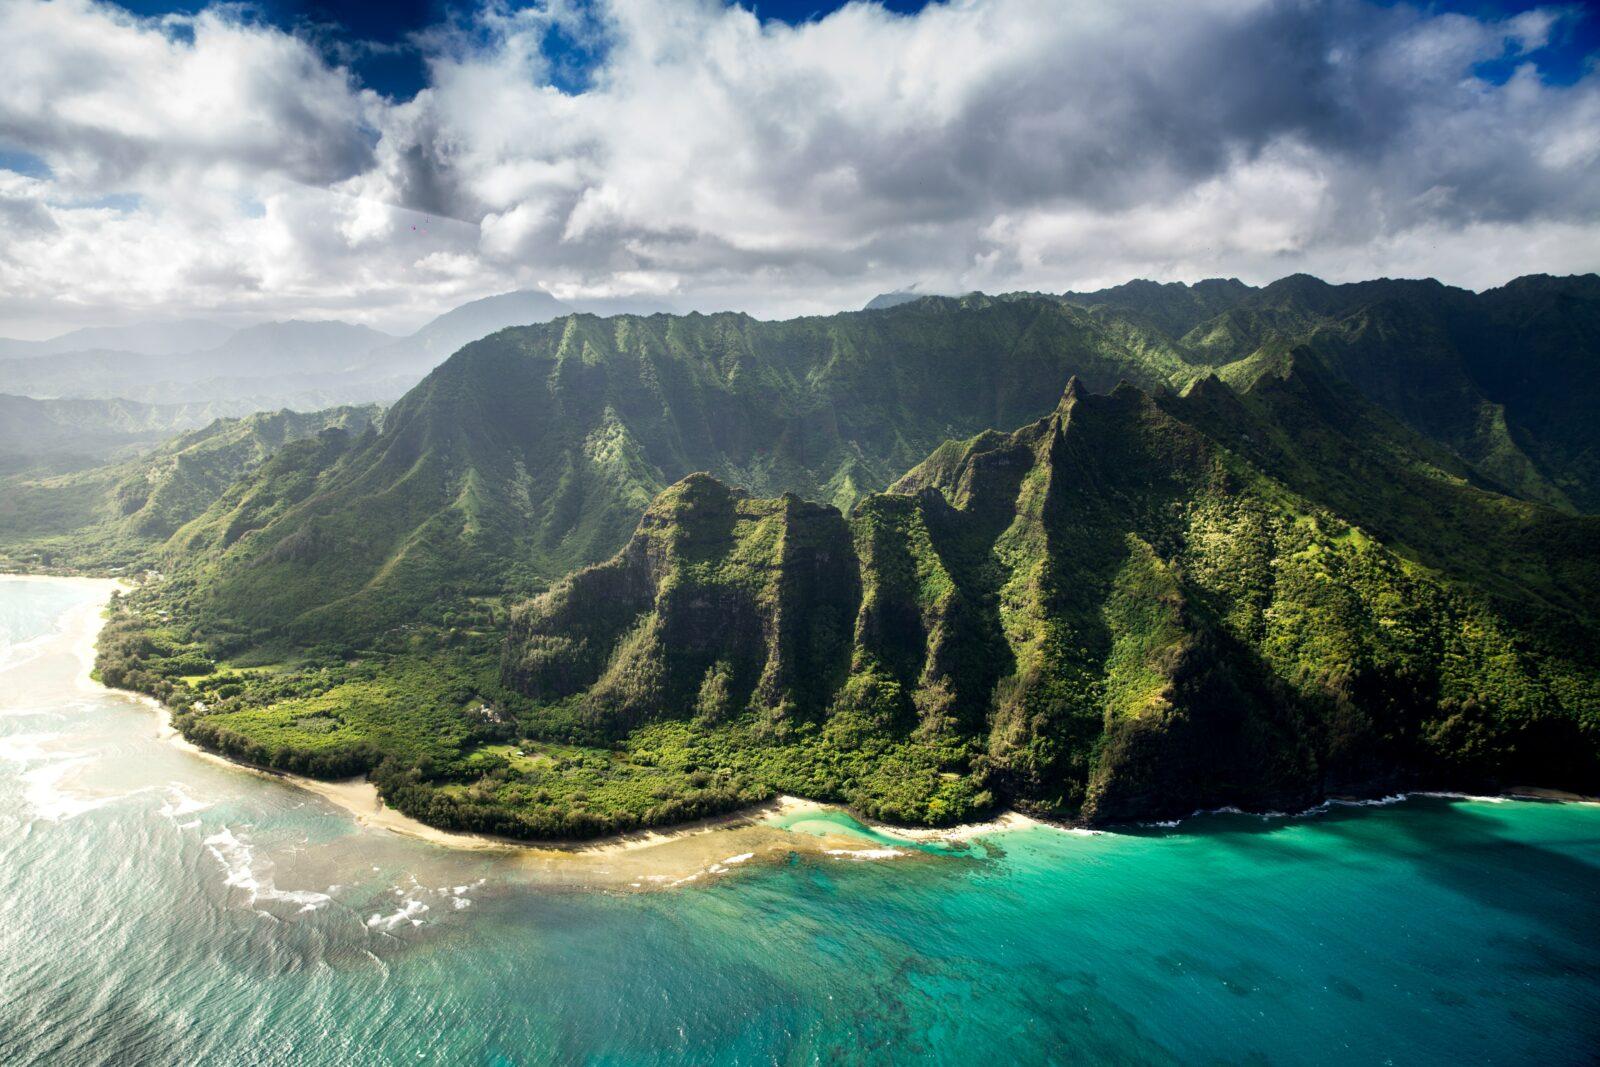 kauai ocean with blue waters